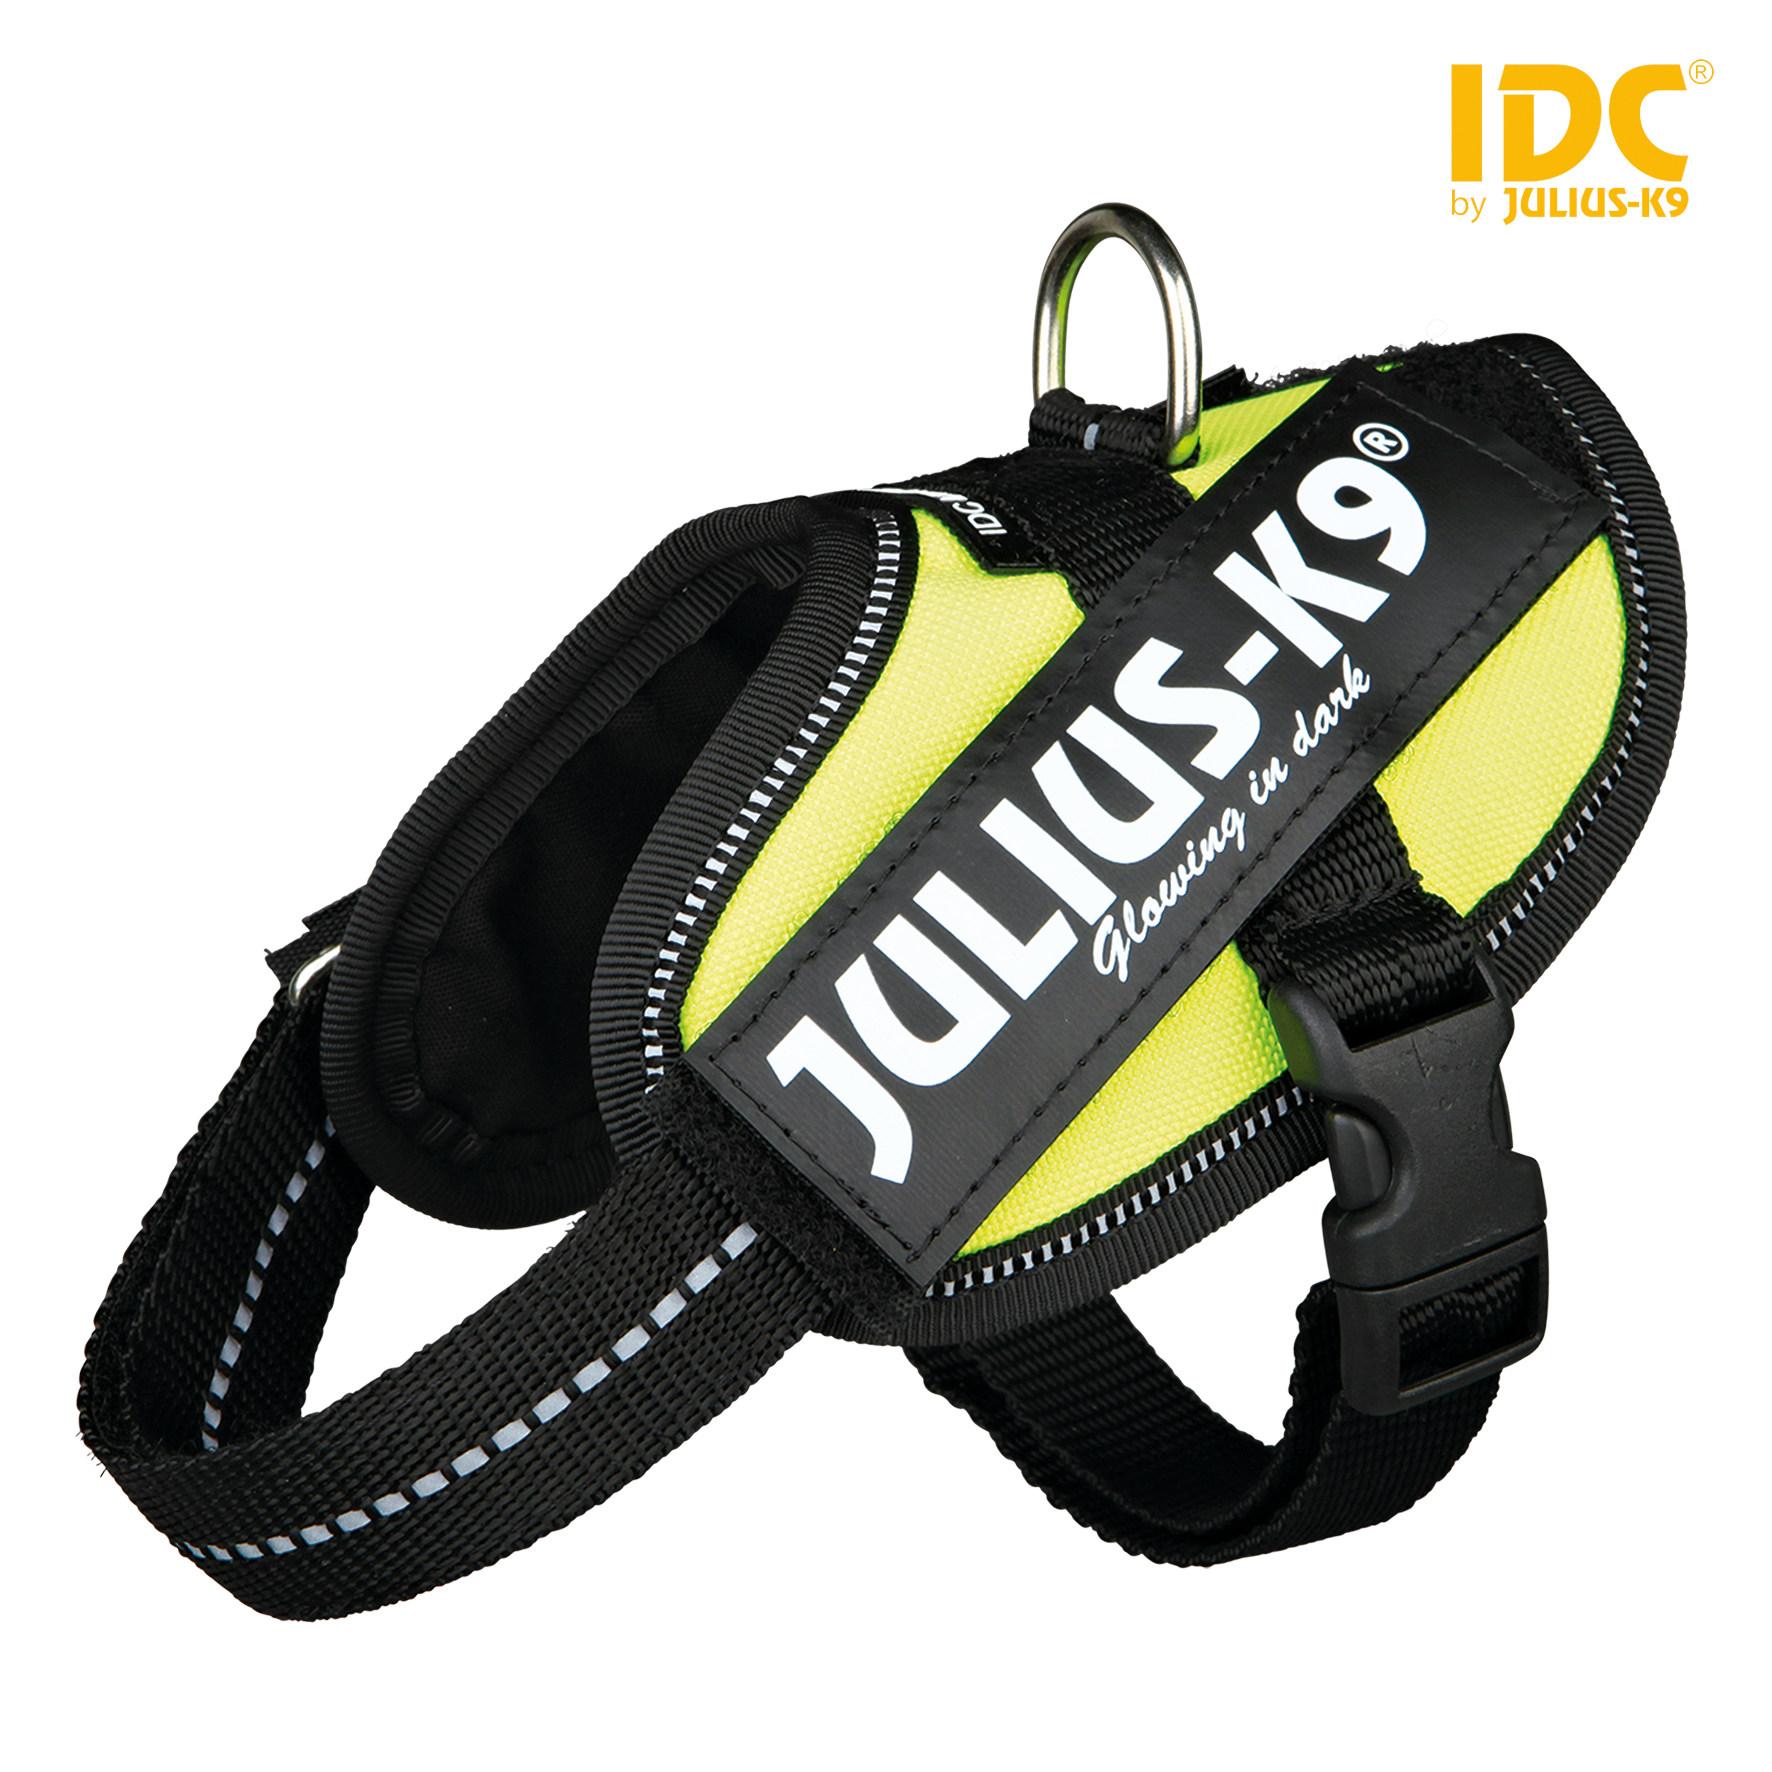 TRIXIE Julius-K9 IDC Powergeschirr Baby 2/Mini-Mini/Mini TRIXIE Julius-K9® IDC® Powergeschirr®, 2XS/Baby 2: 33–45 cm/18 mm, neongrün